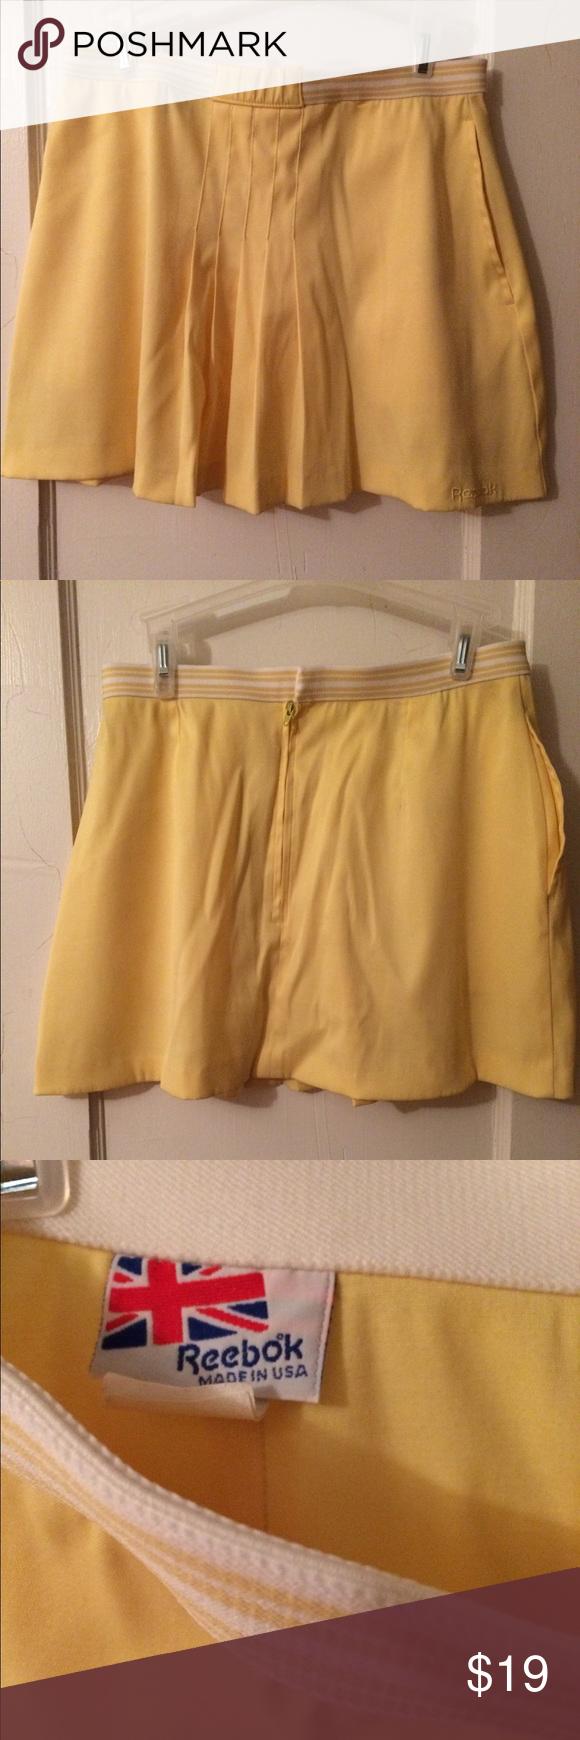 reebok pleated tennis skirt